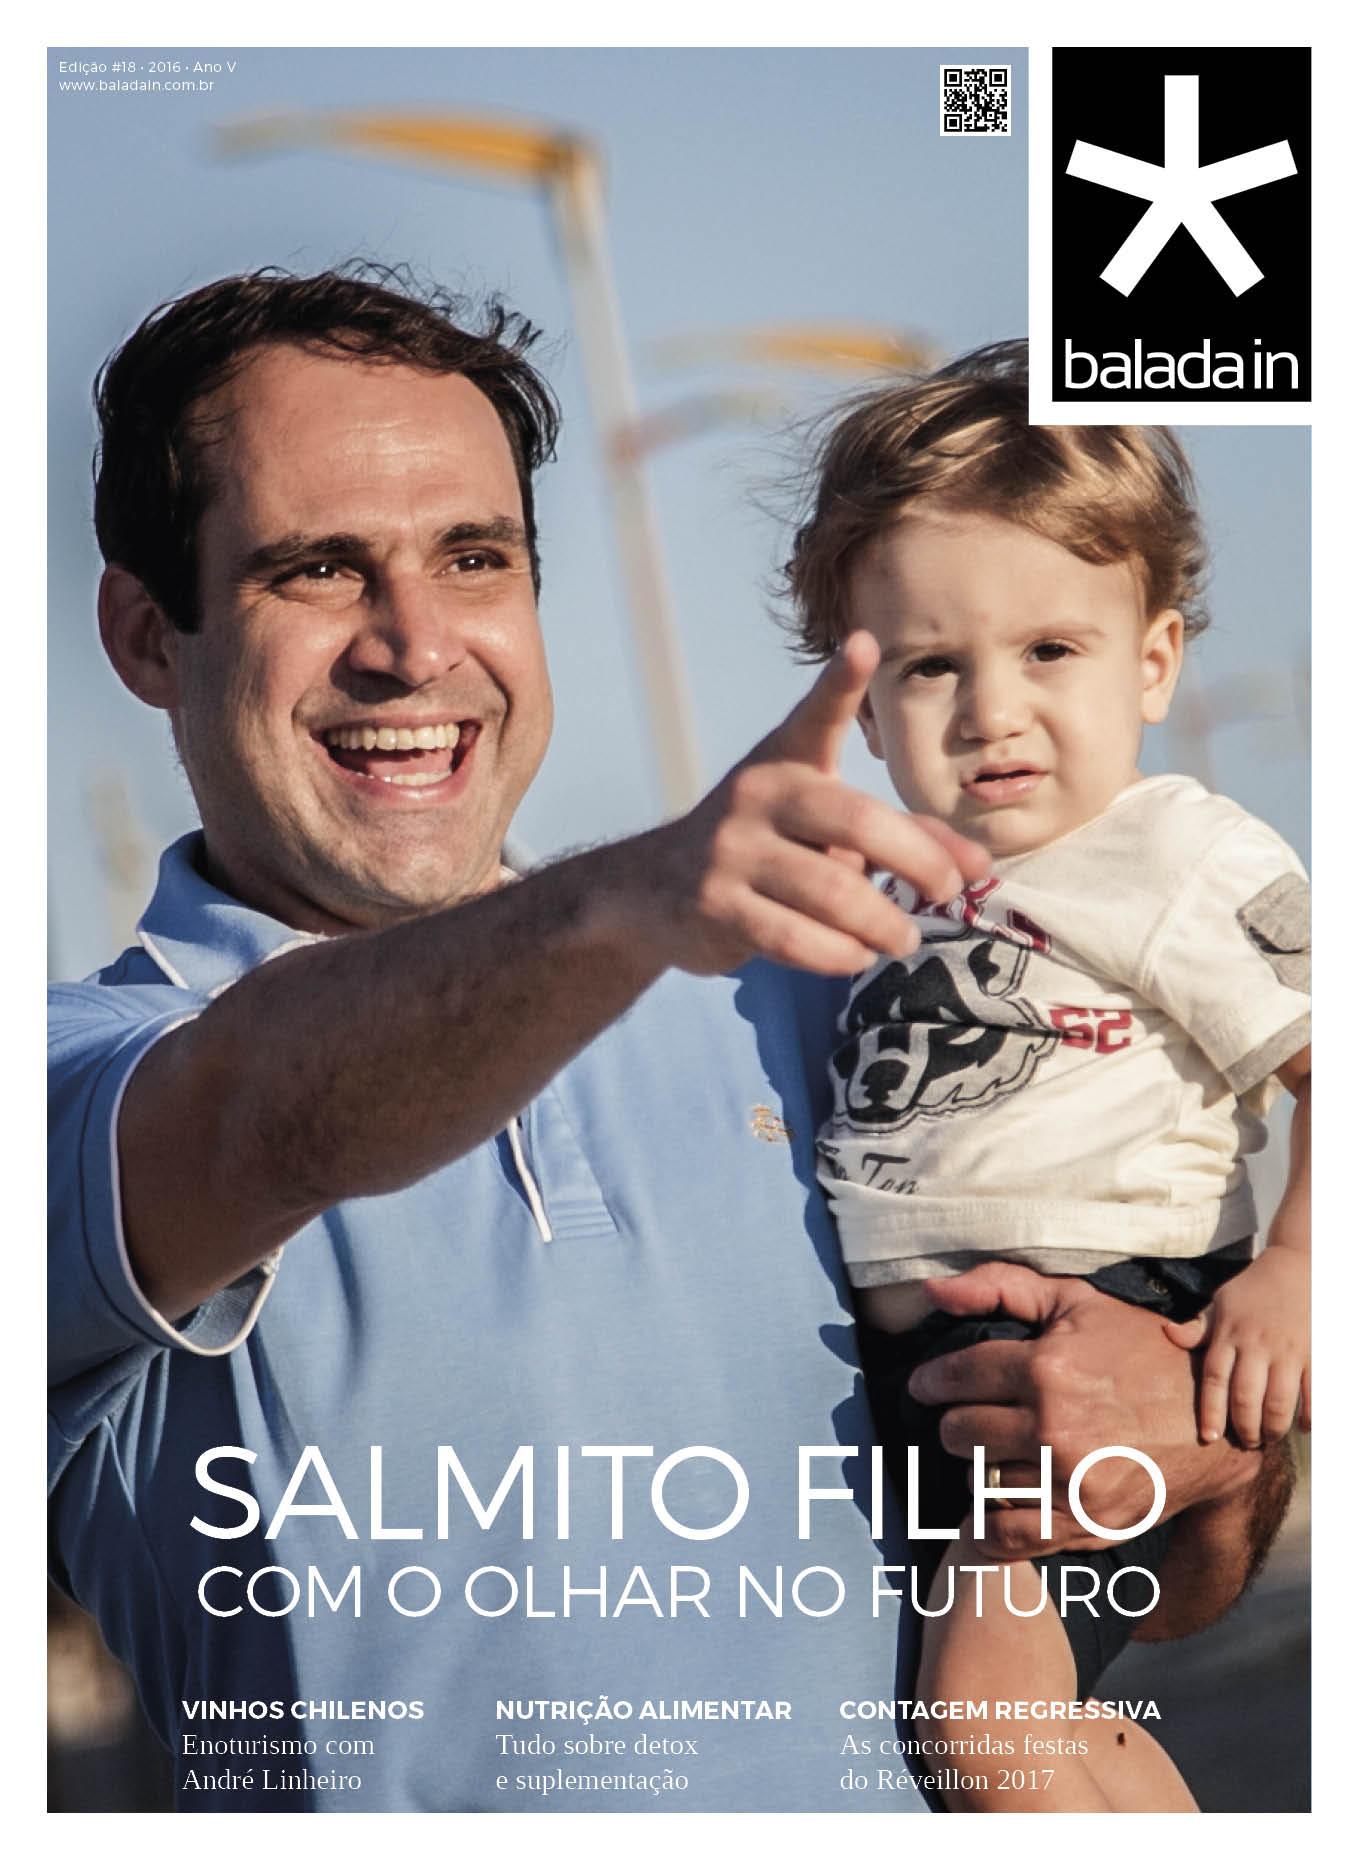 Edição: Salmito Filho